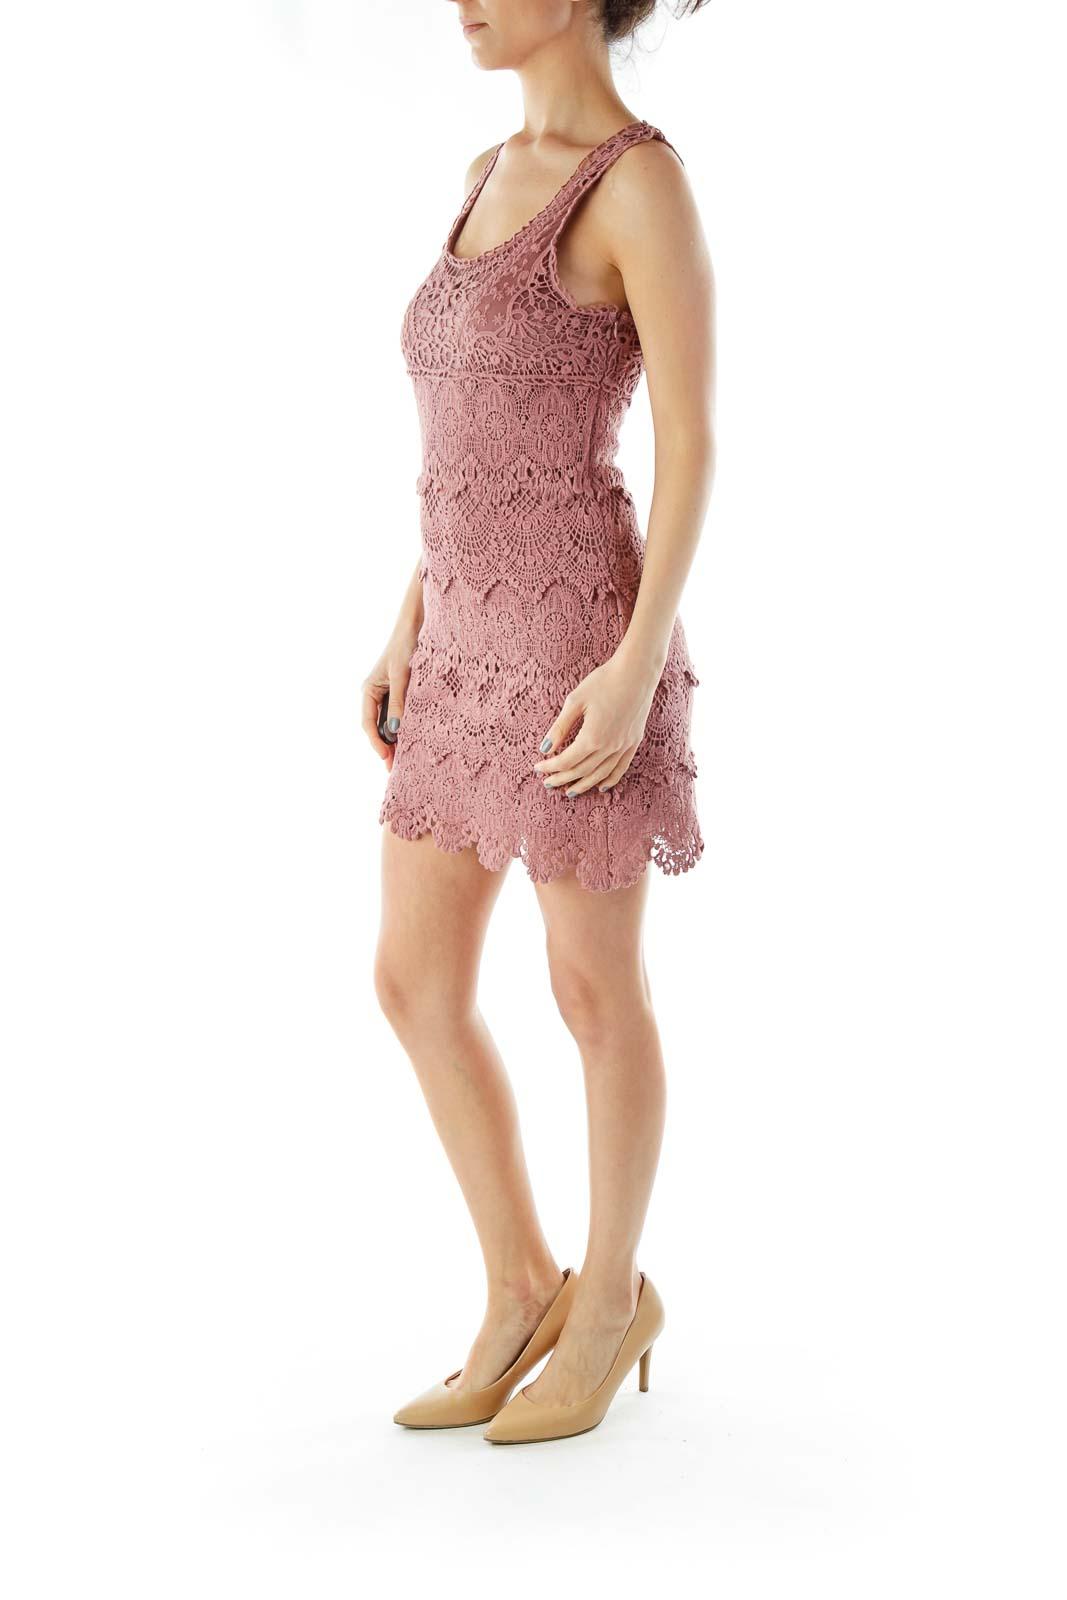 Mauve Crocheted Dress